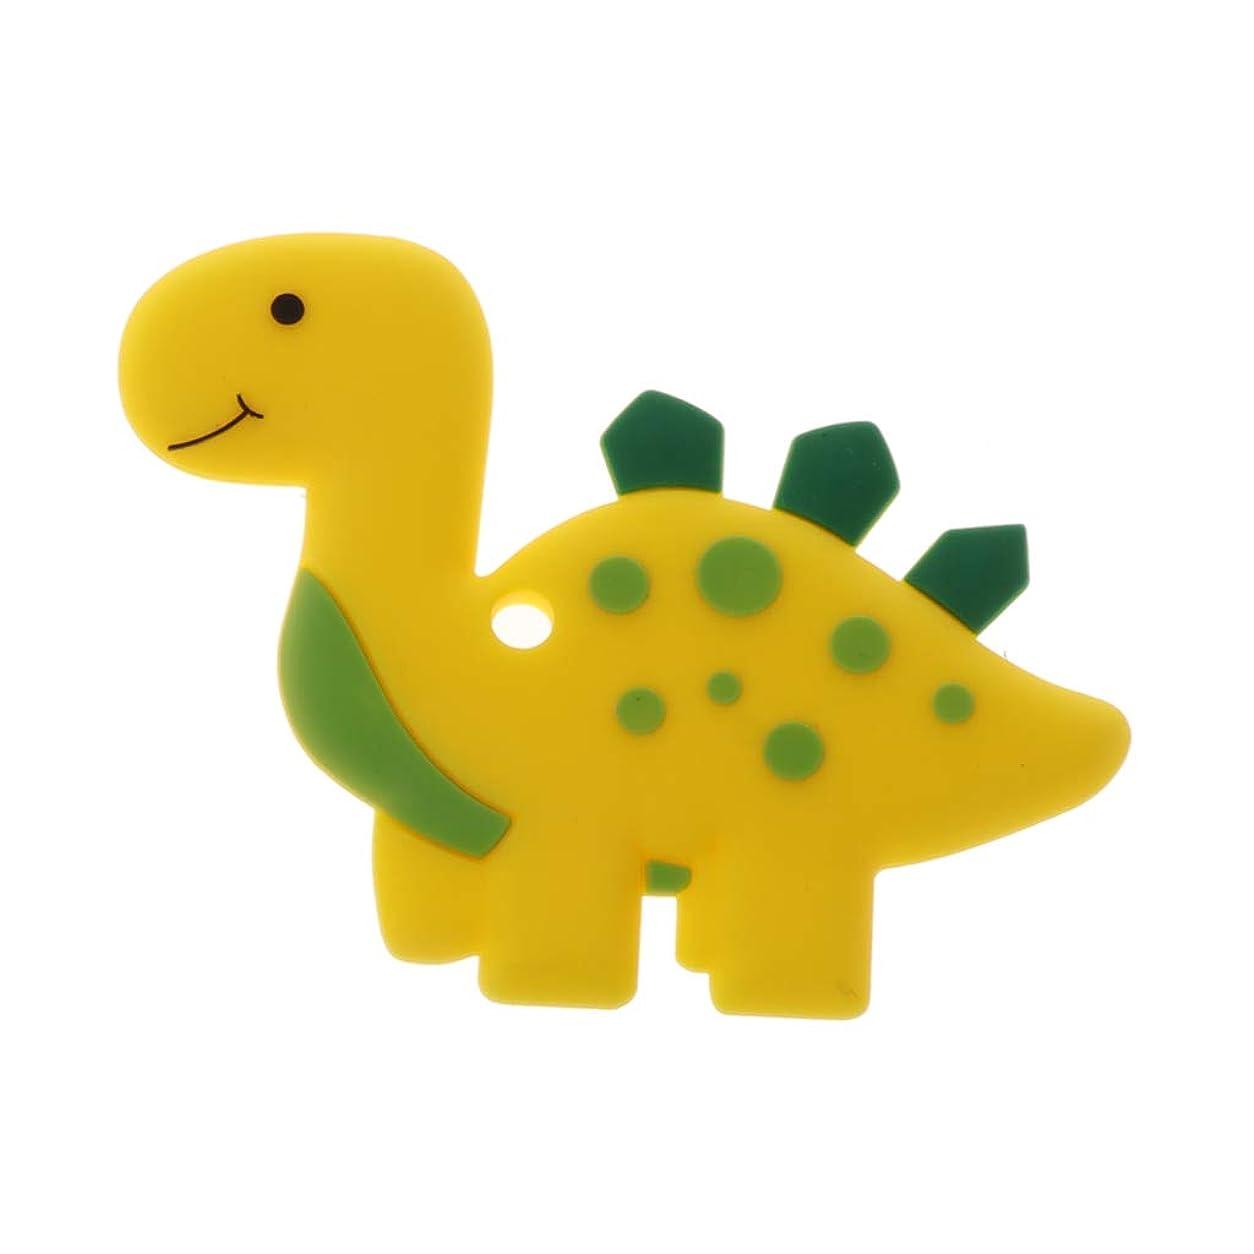 ギャンブル厚さ天のLanddumシリコーンおしゃぶり恐竜おしゃべり赤ちゃん看護玩具かむ玩具歯が生えるガラガラおもちゃ - ロイヤルブルー